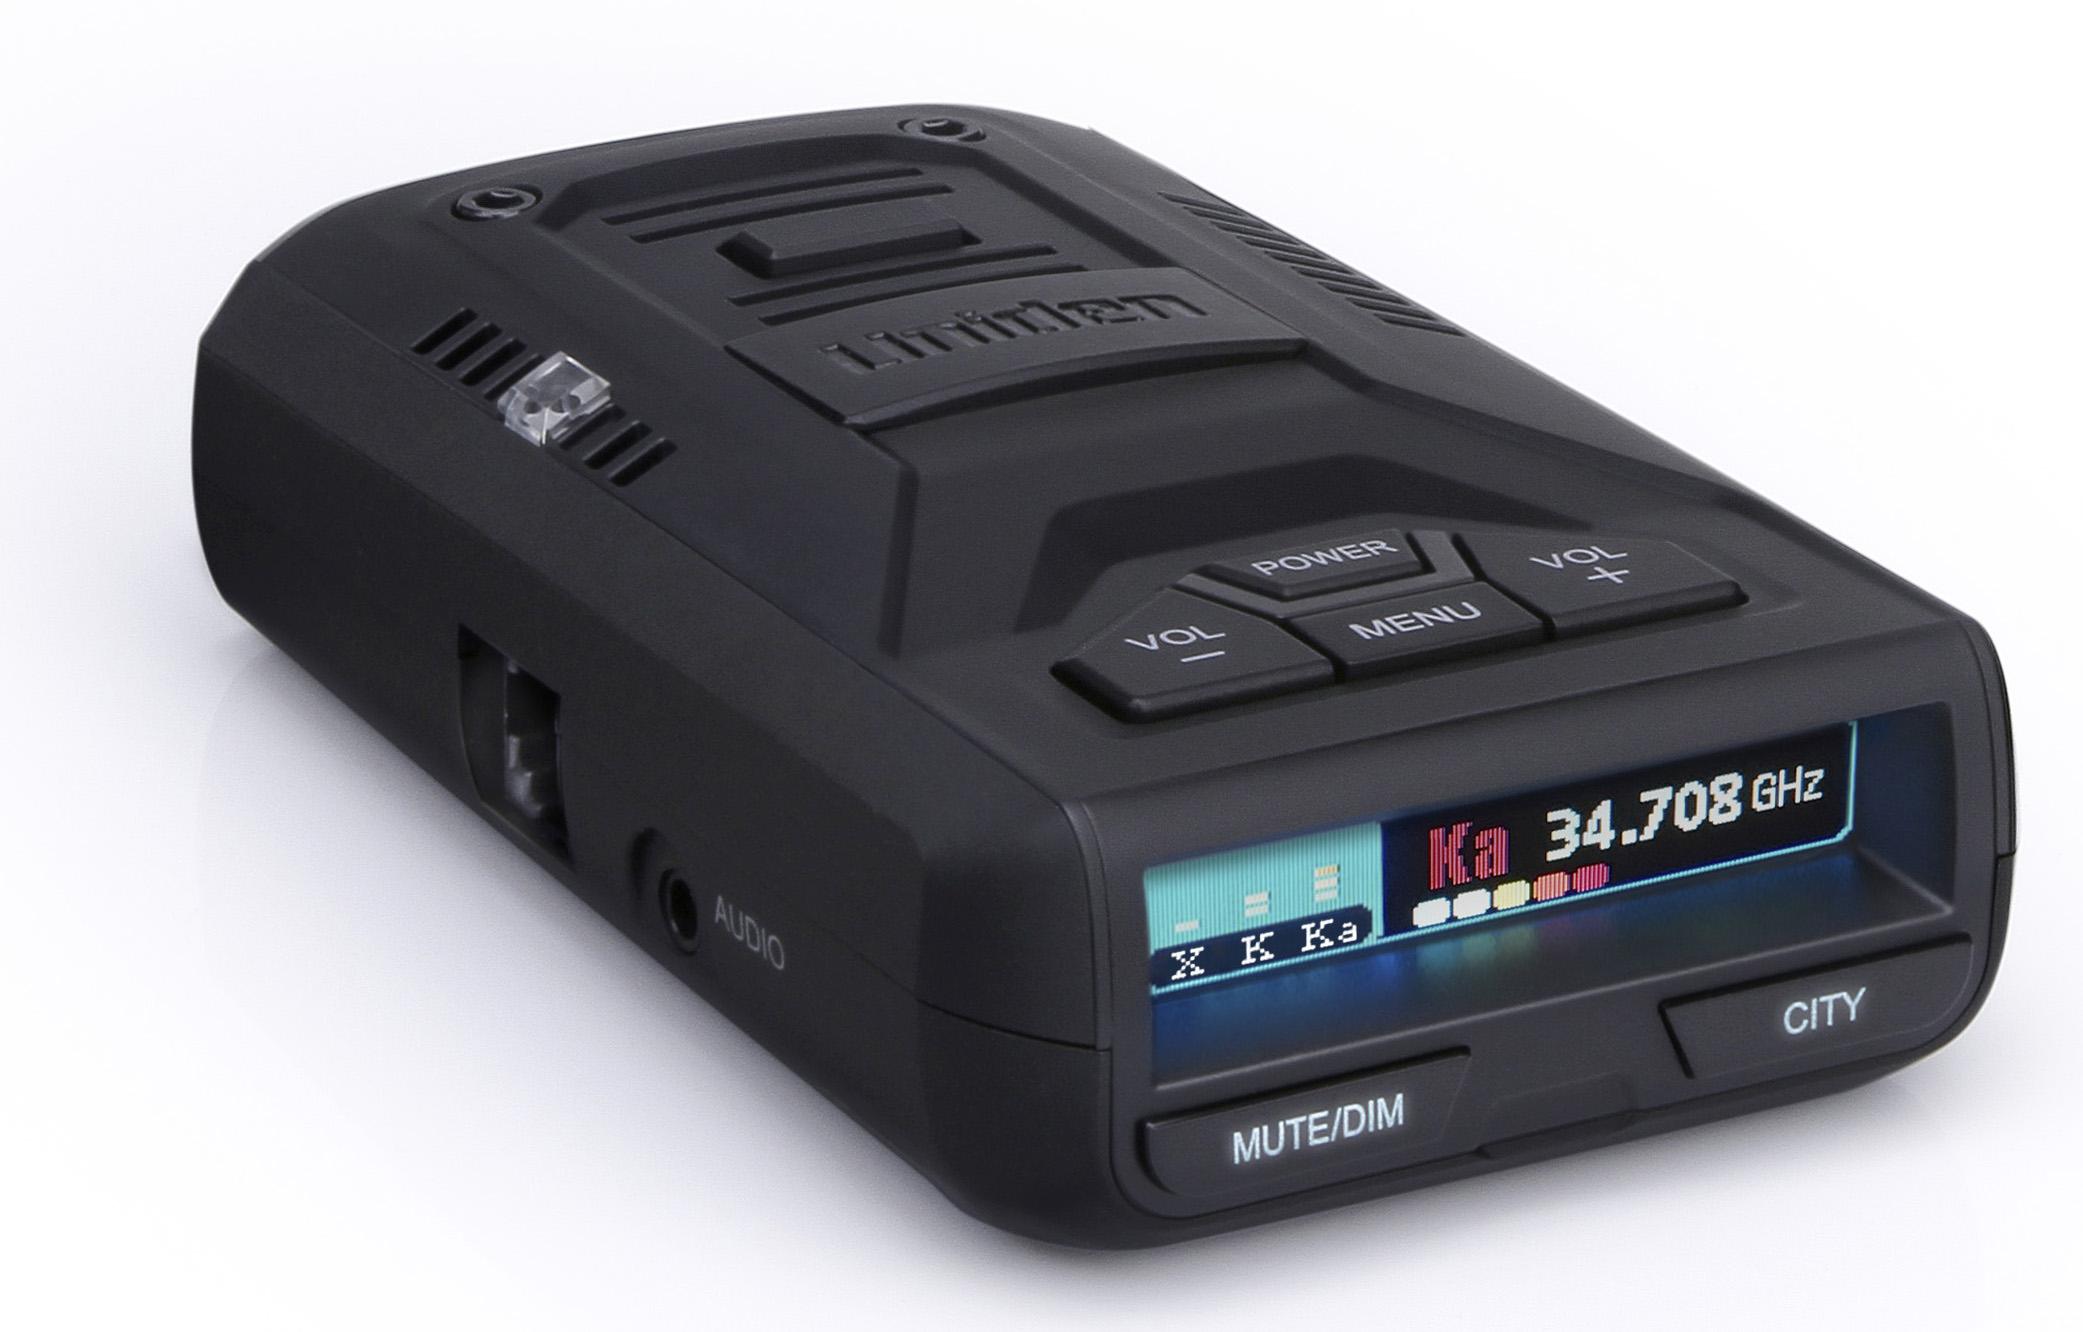 Uniden R1 Extreme Range Radar & Laser Detector